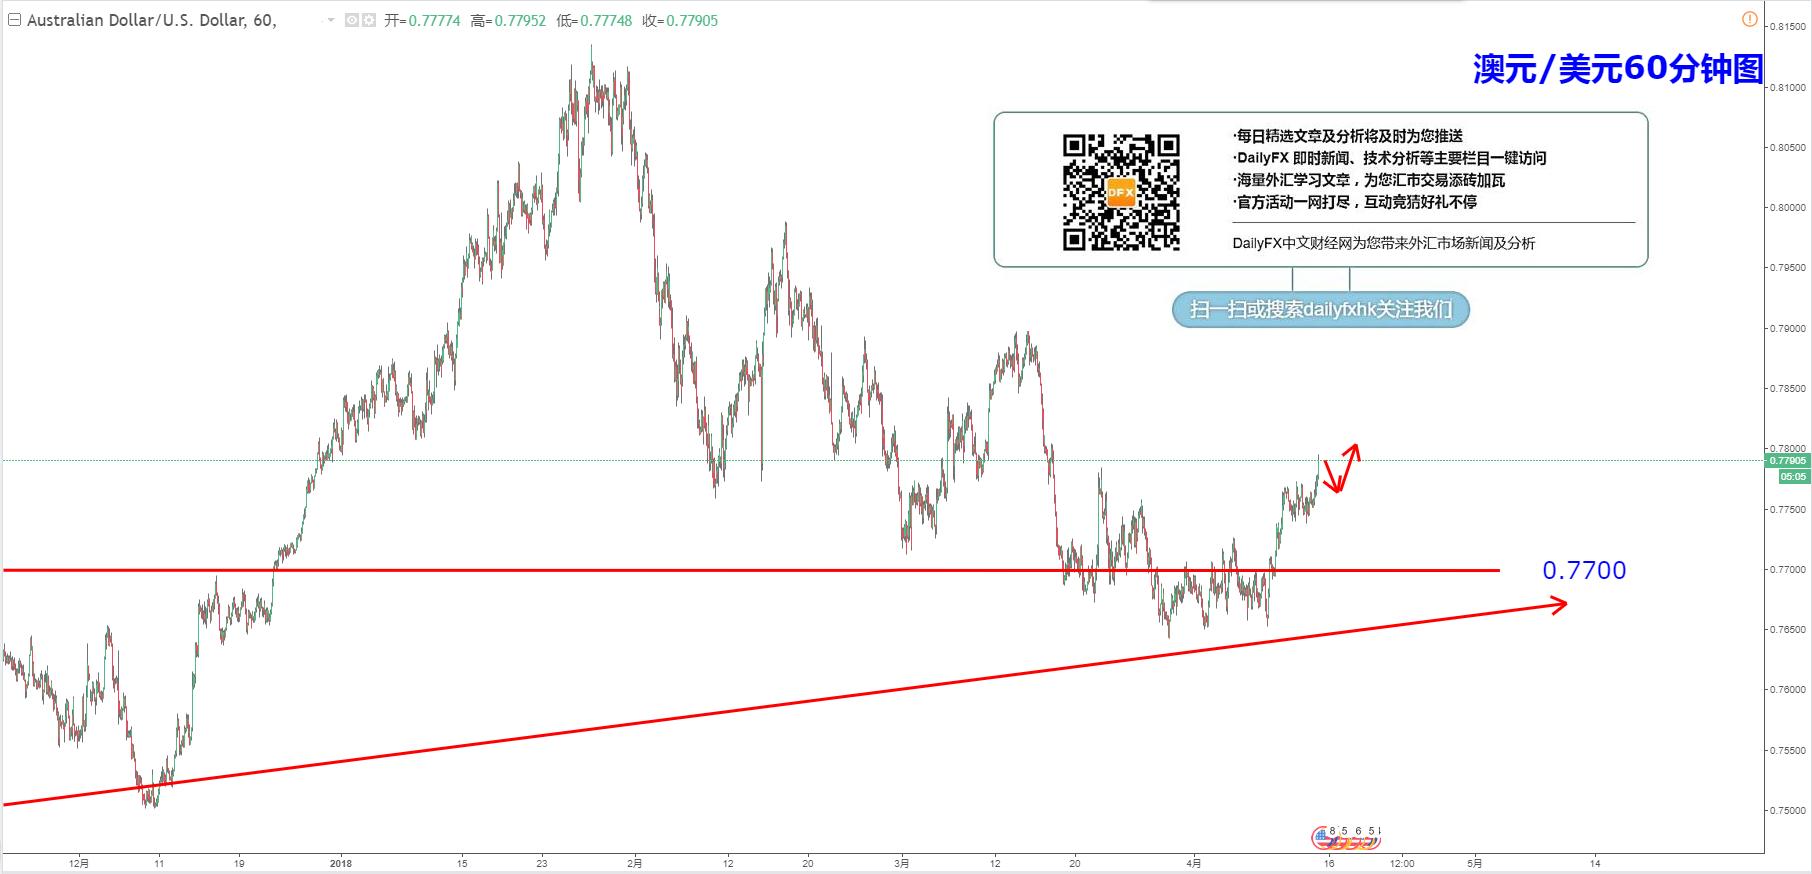 澳元/美元:傾向繼續做多